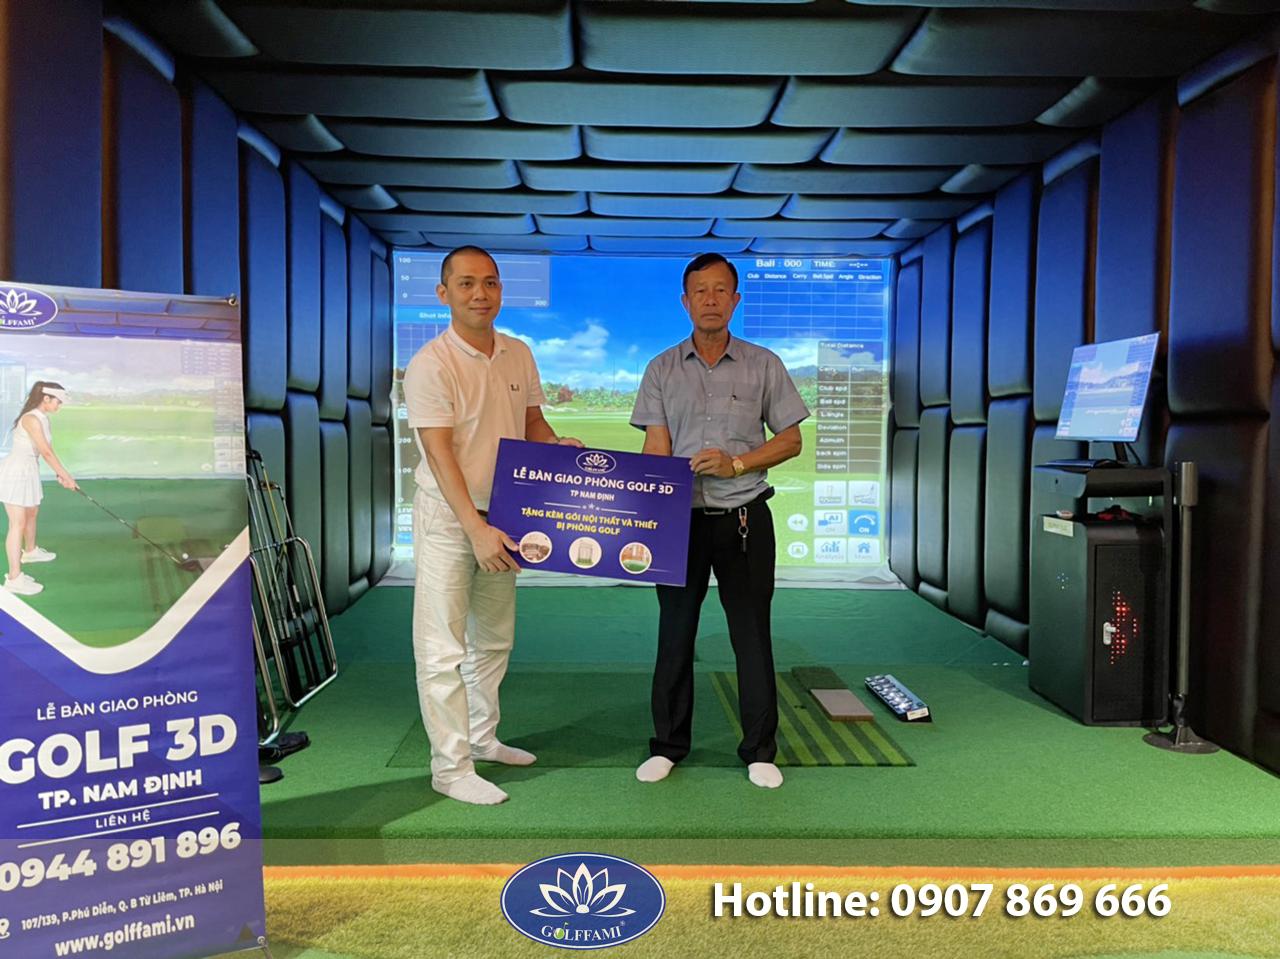 Lễ bàn giao phòng golf 3d Nam Định